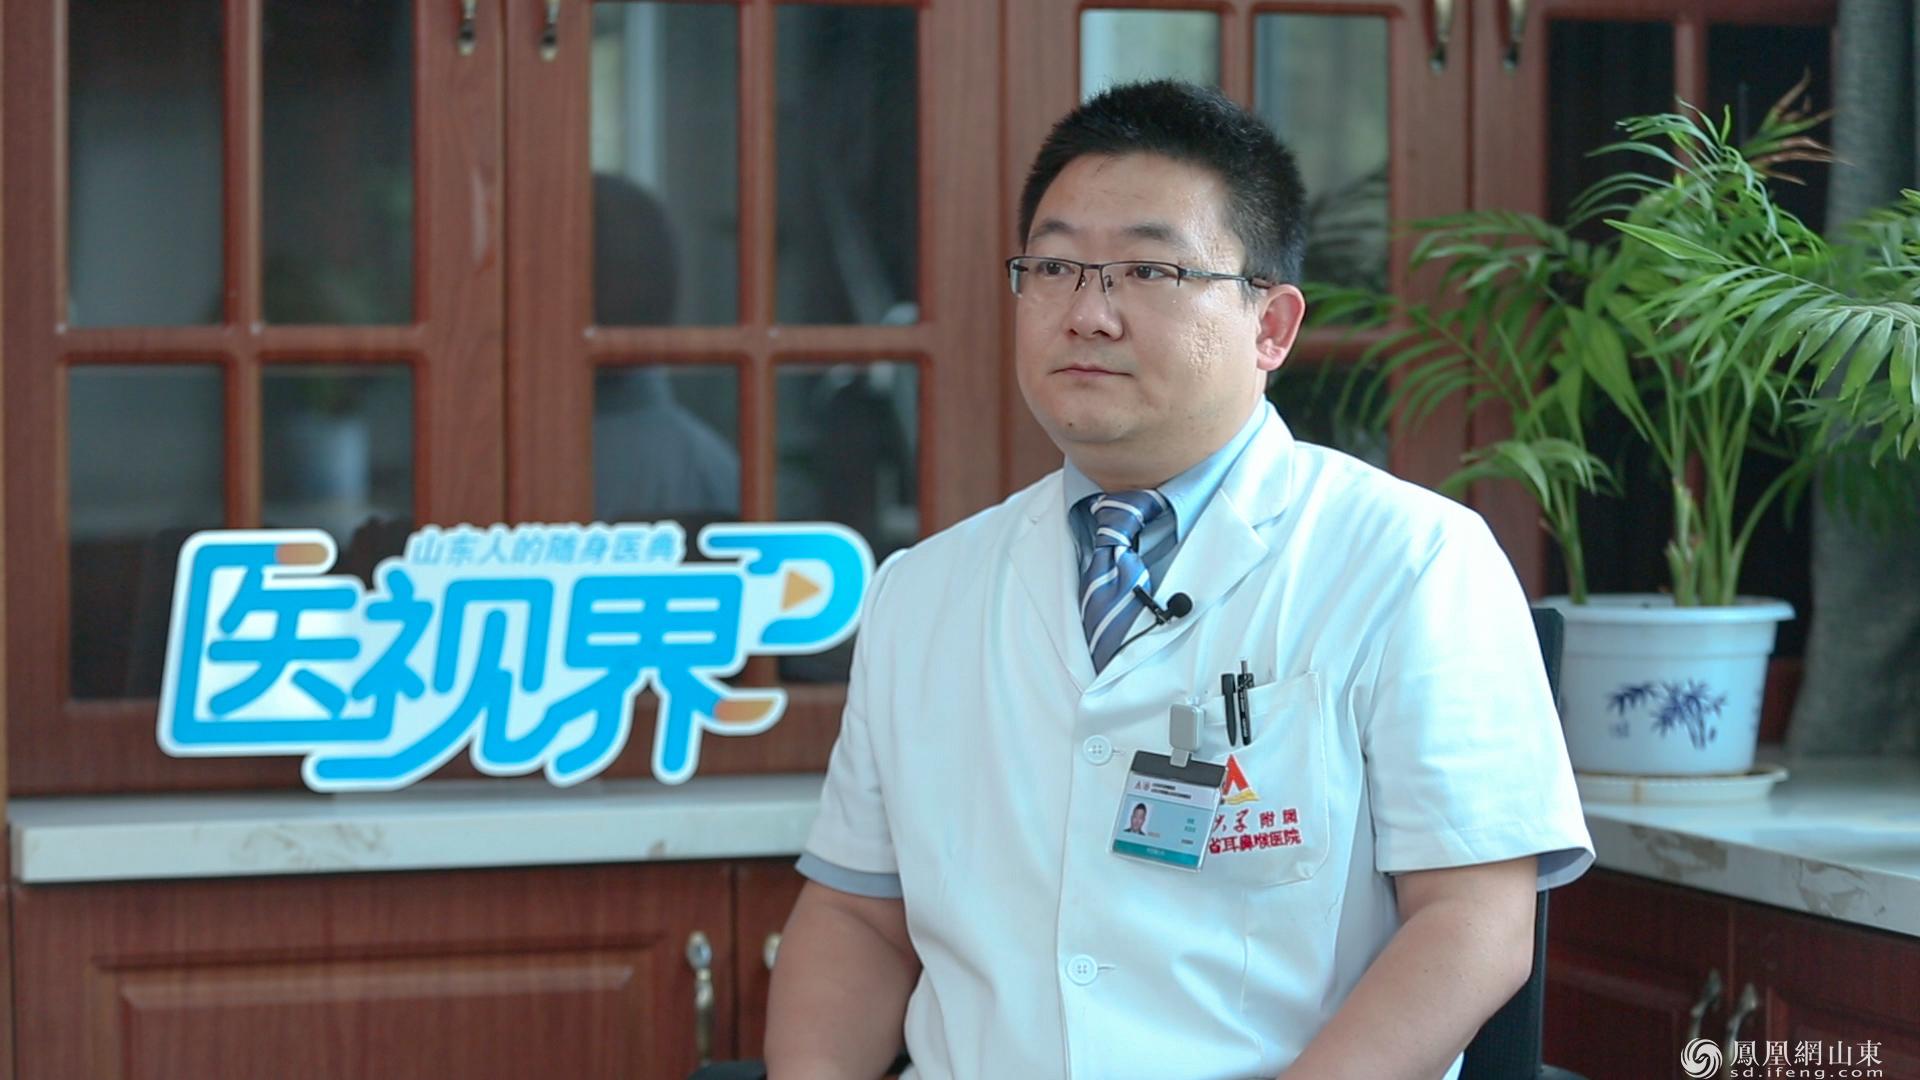 山东大学附属省耳鼻喉医院听觉植入科主任医师——徐磊